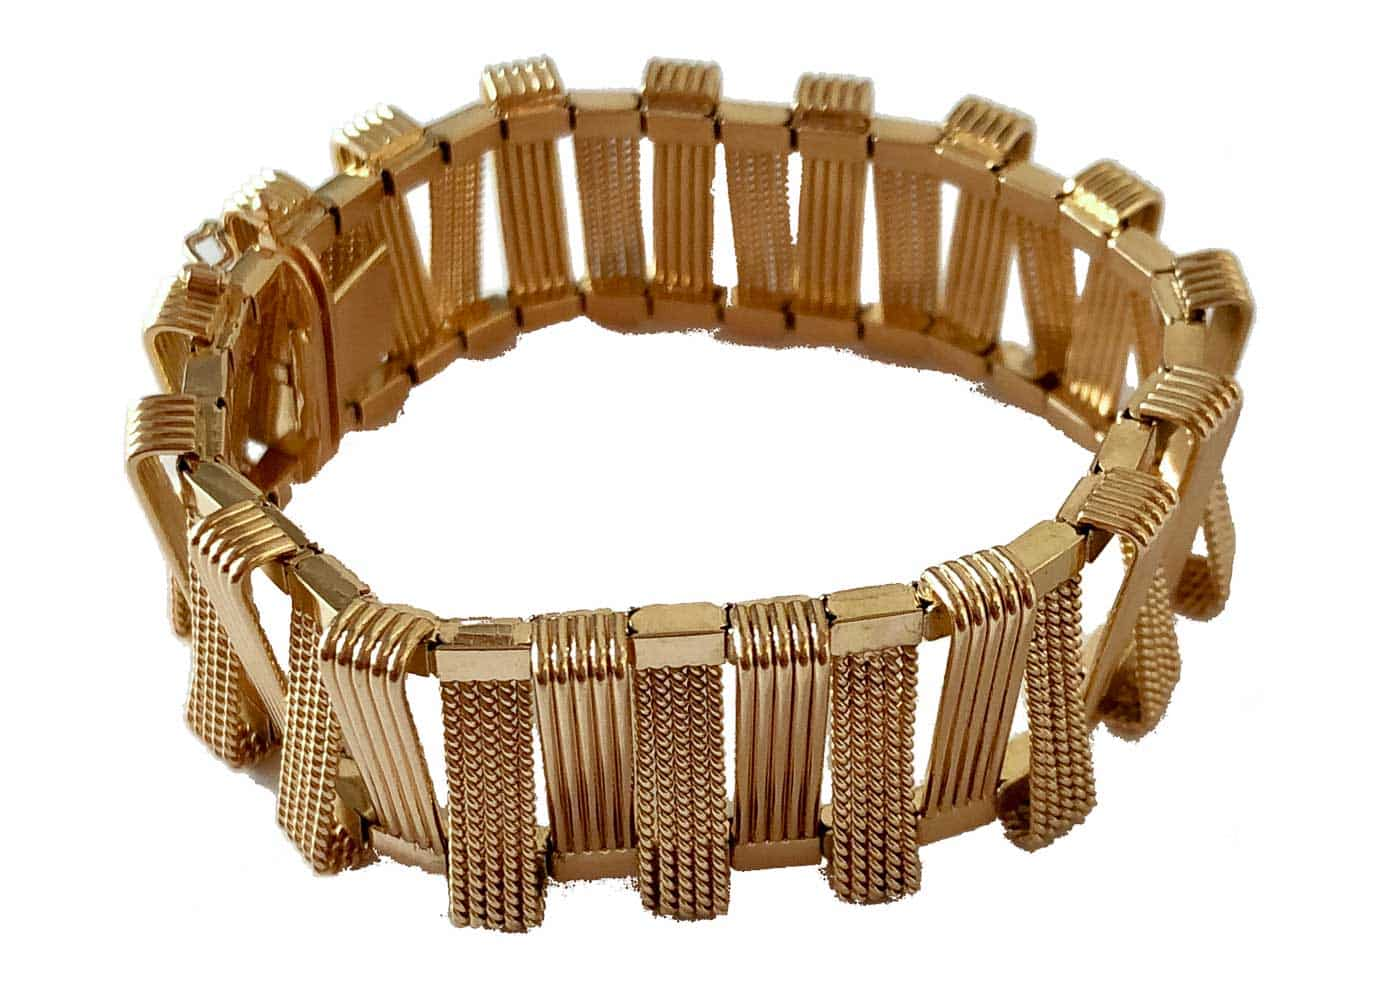 french fifties geometric bracelet